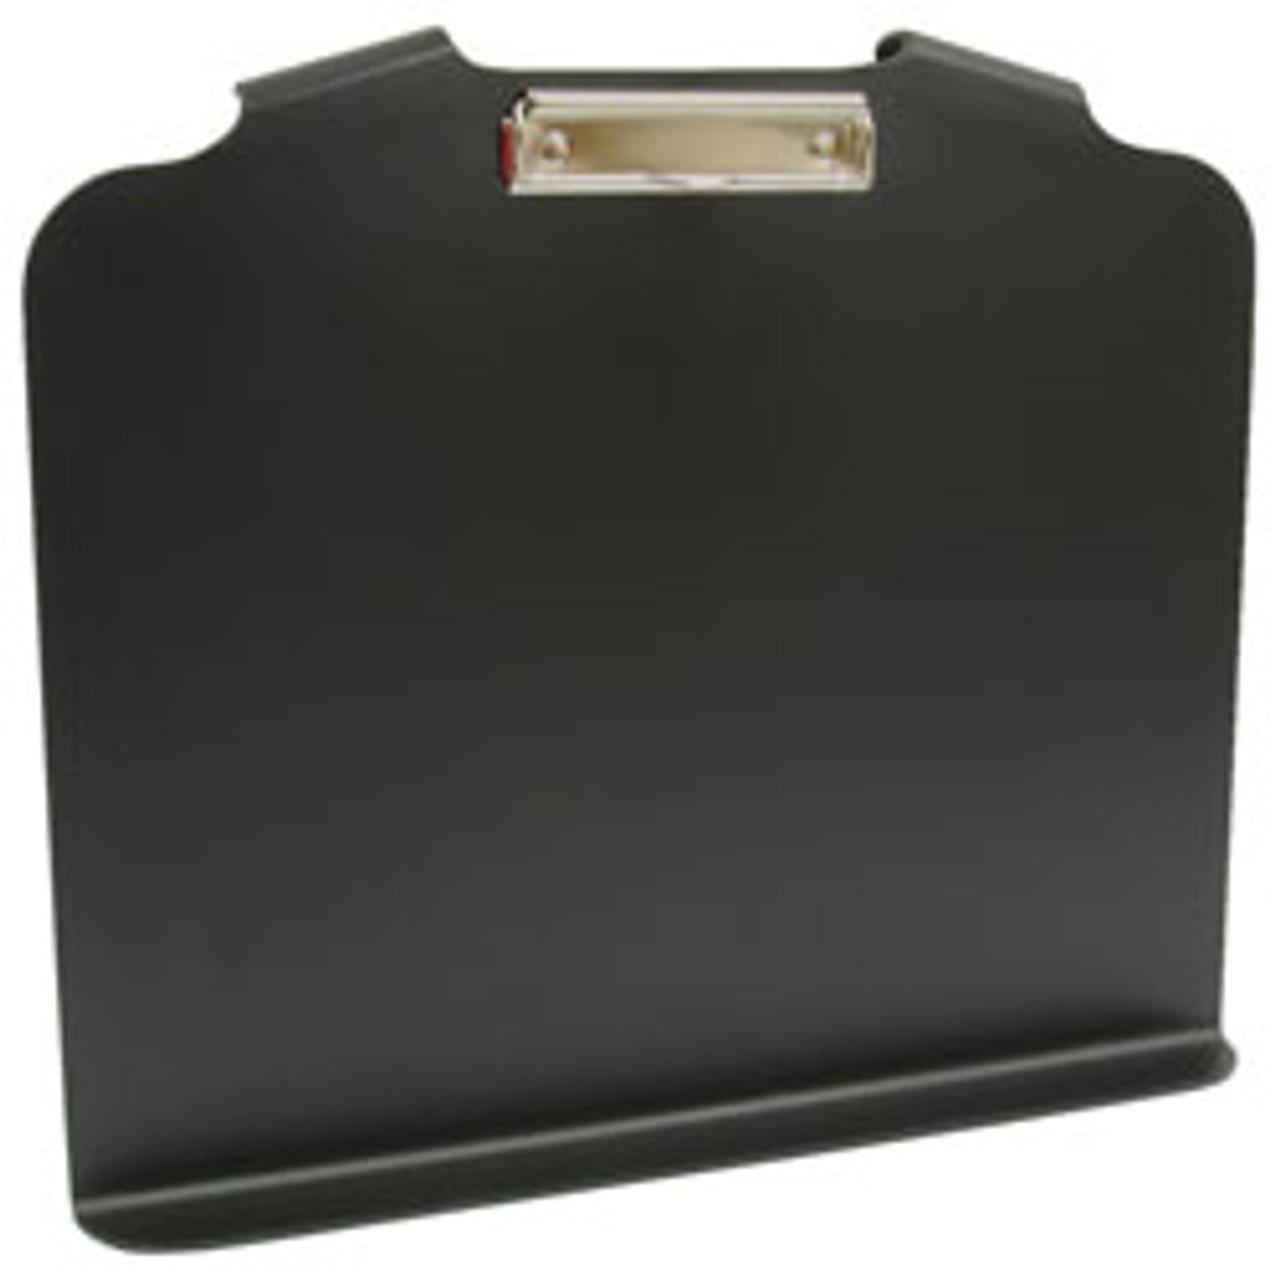 RoadPro(R) - Over-The-Wheel Desktop